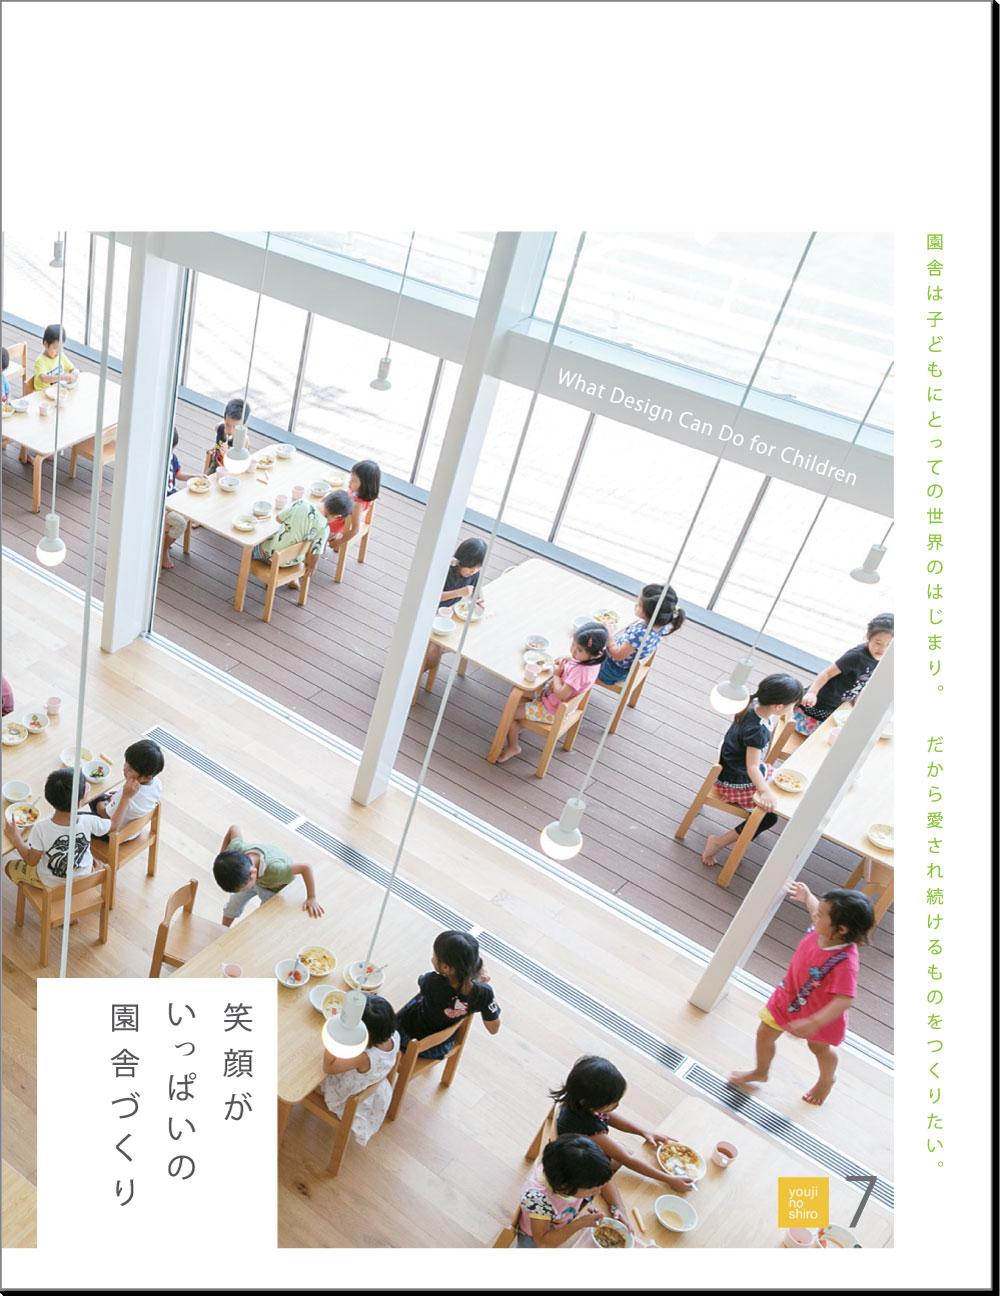 書籍:笑顔がいっぱいの園舎づくり-幼児の城7